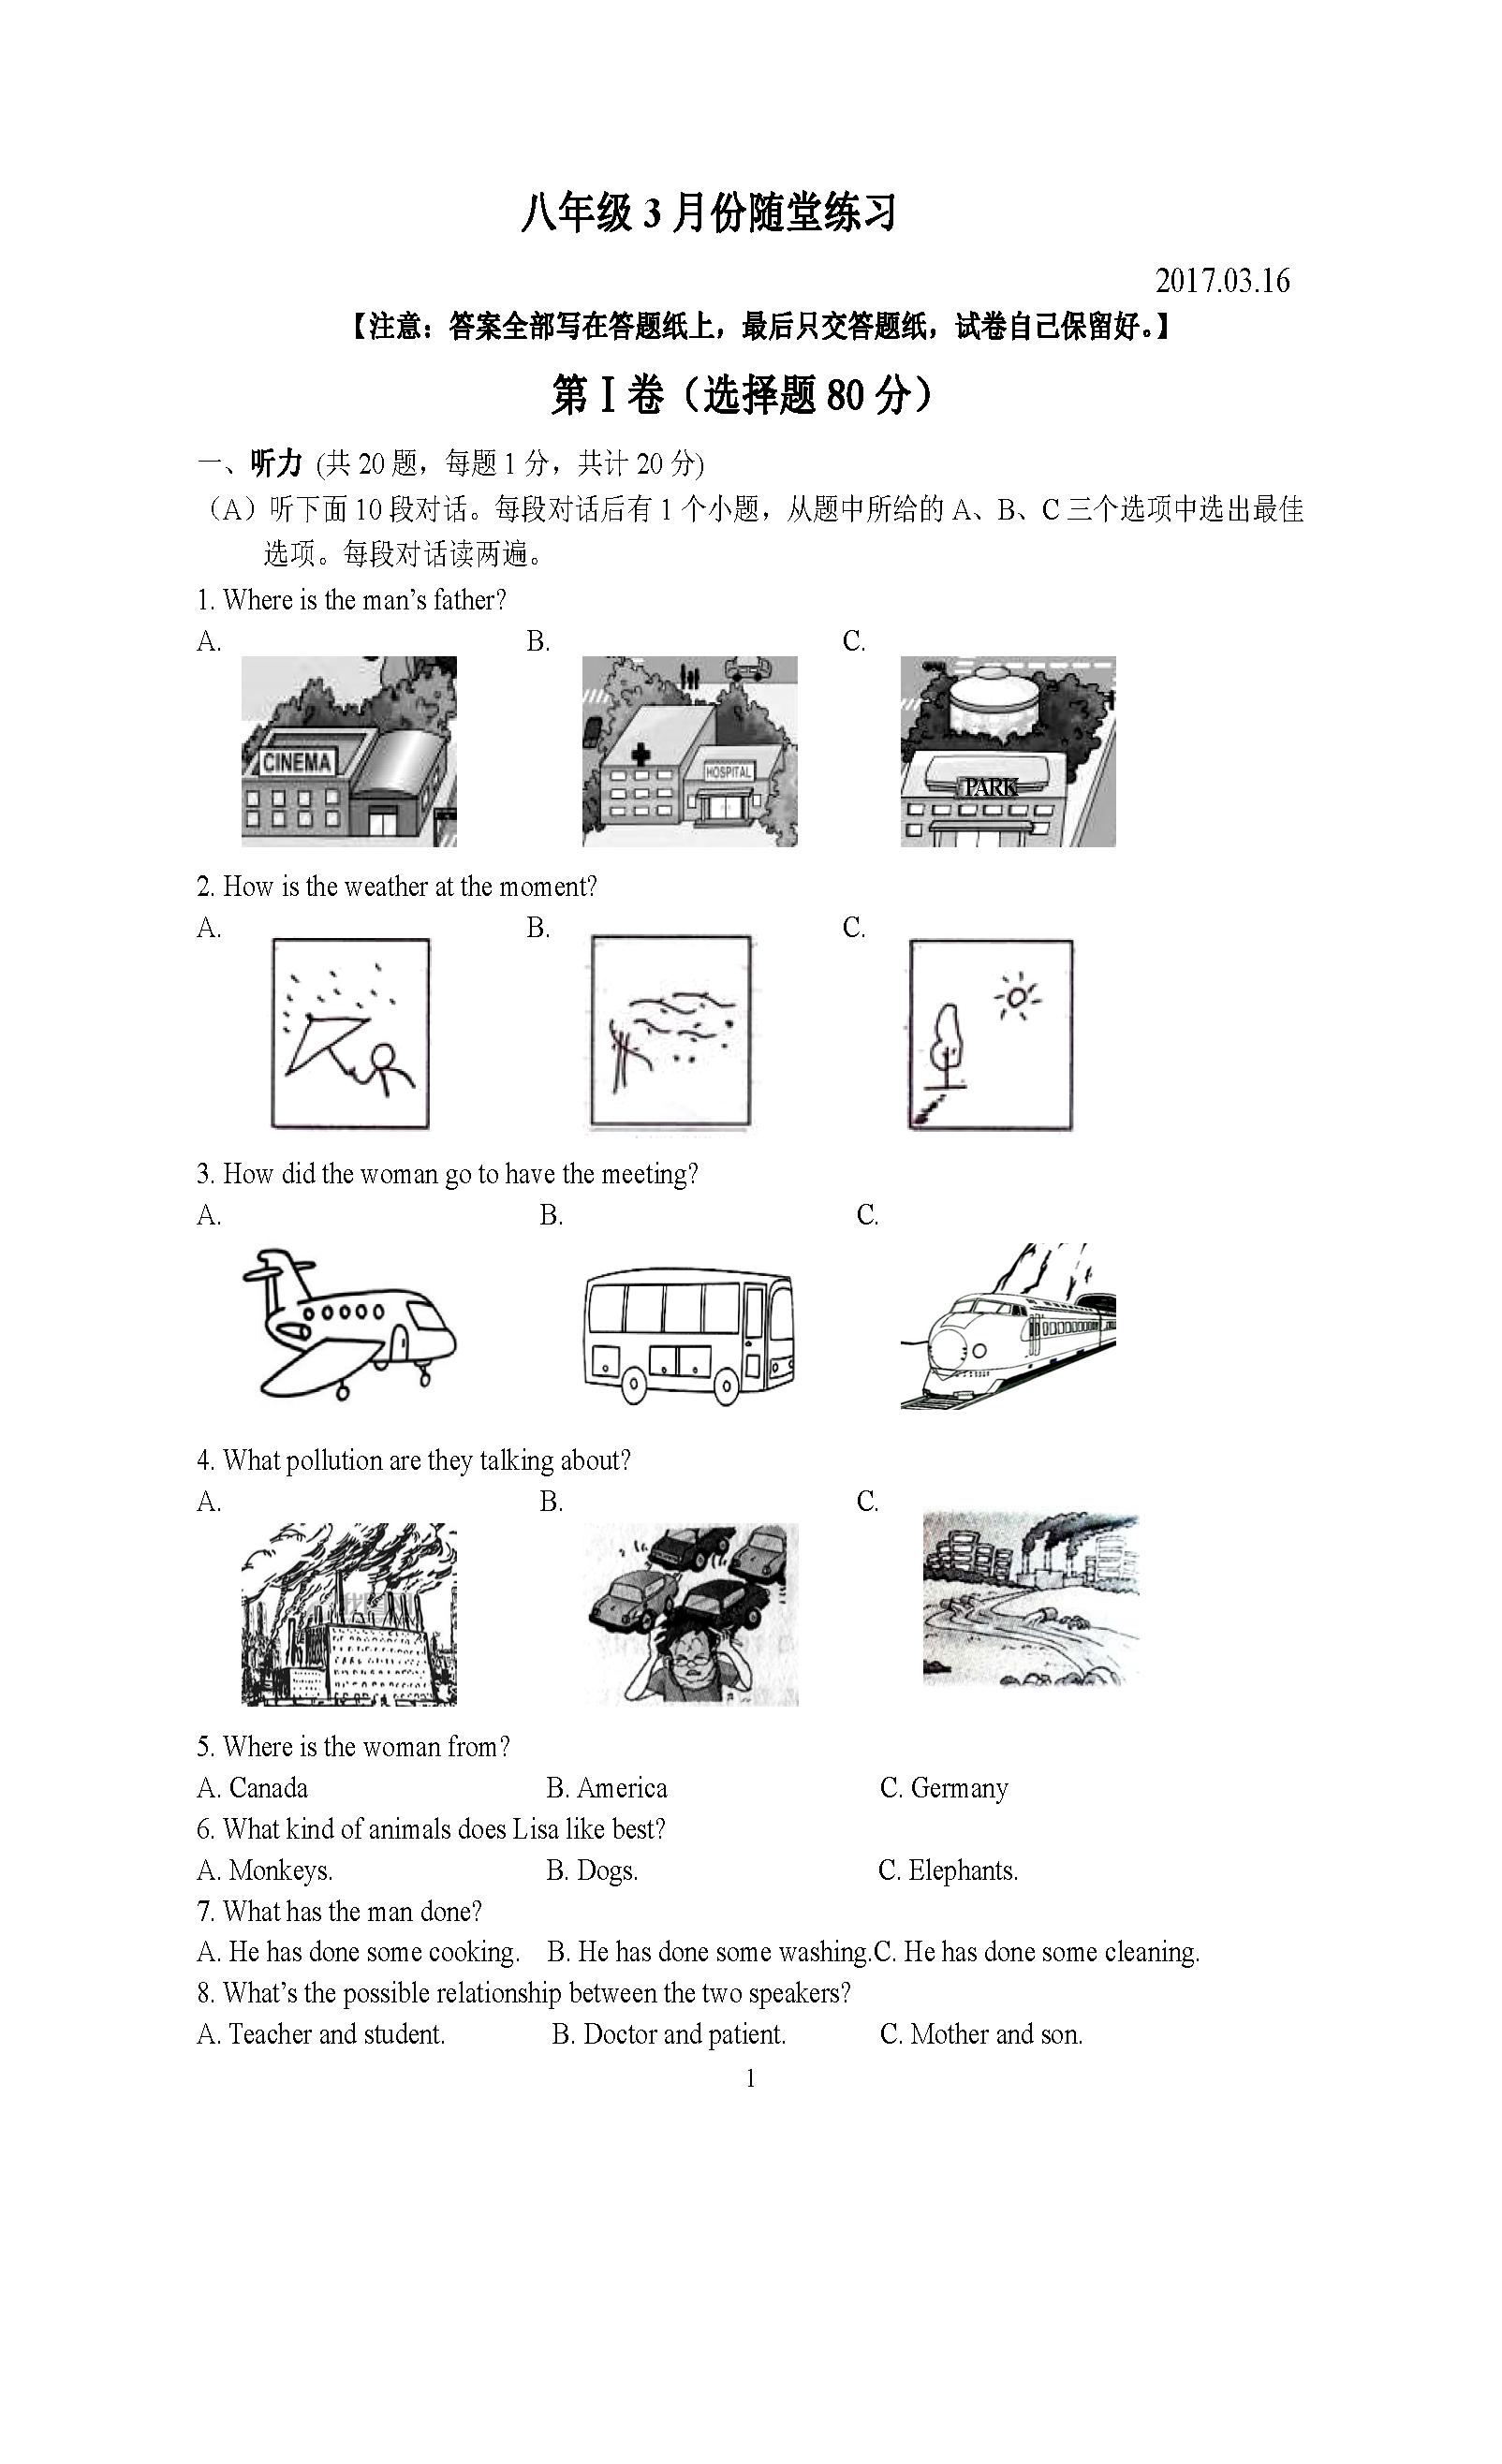 江苏宿豫陆集初级中学2016-2017八年级下英语第一次月考试题(Word版)